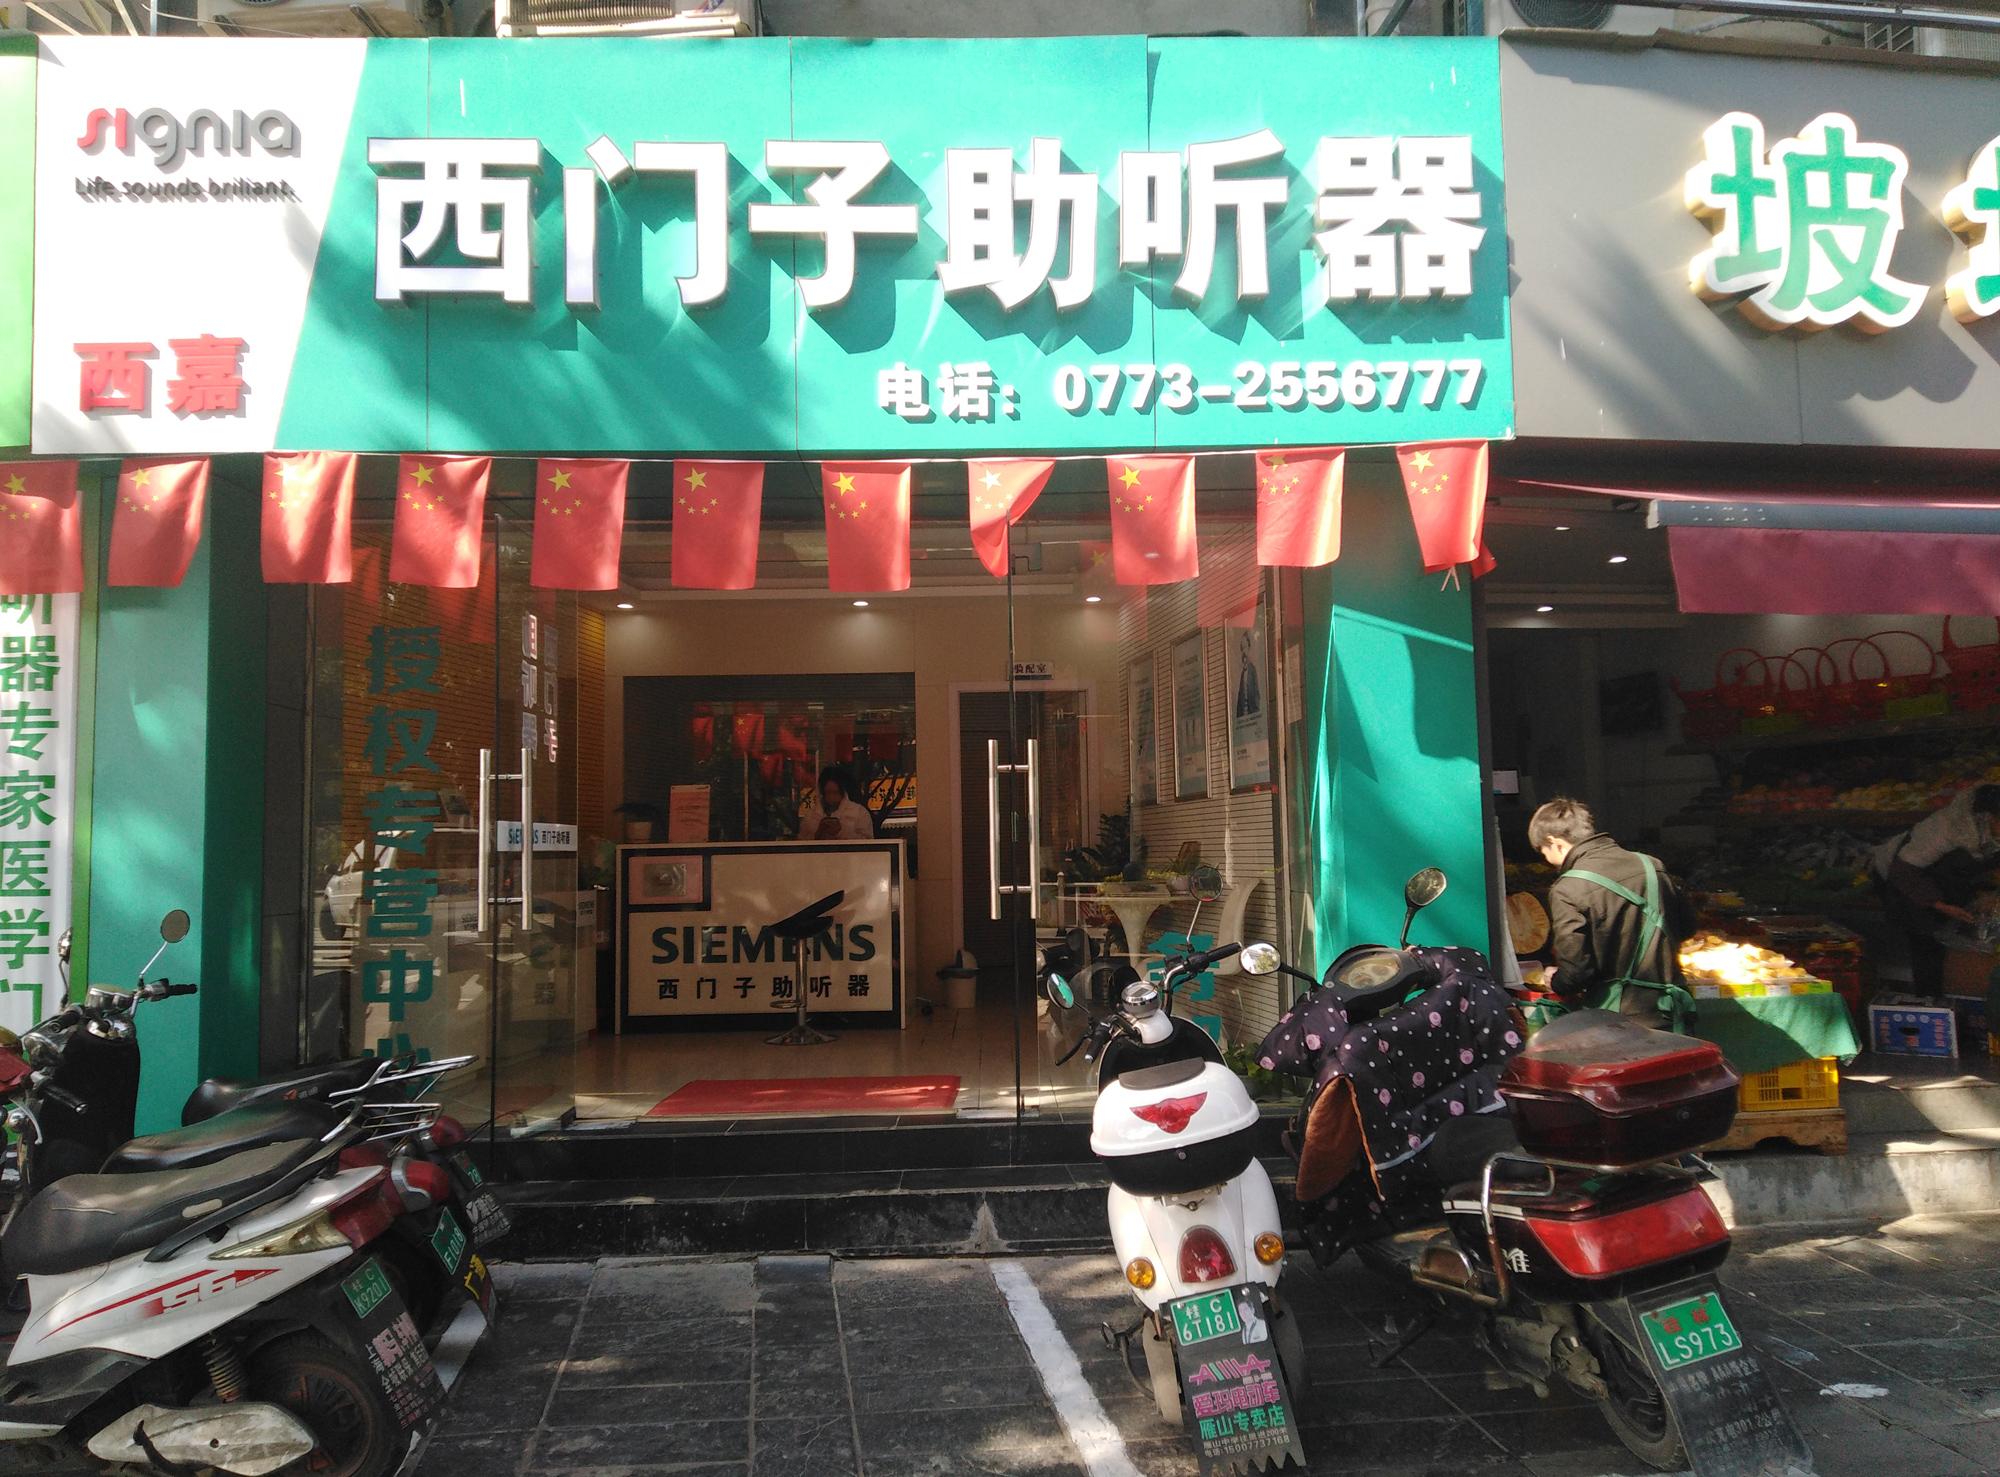 桂林文明路店 验配环境展示